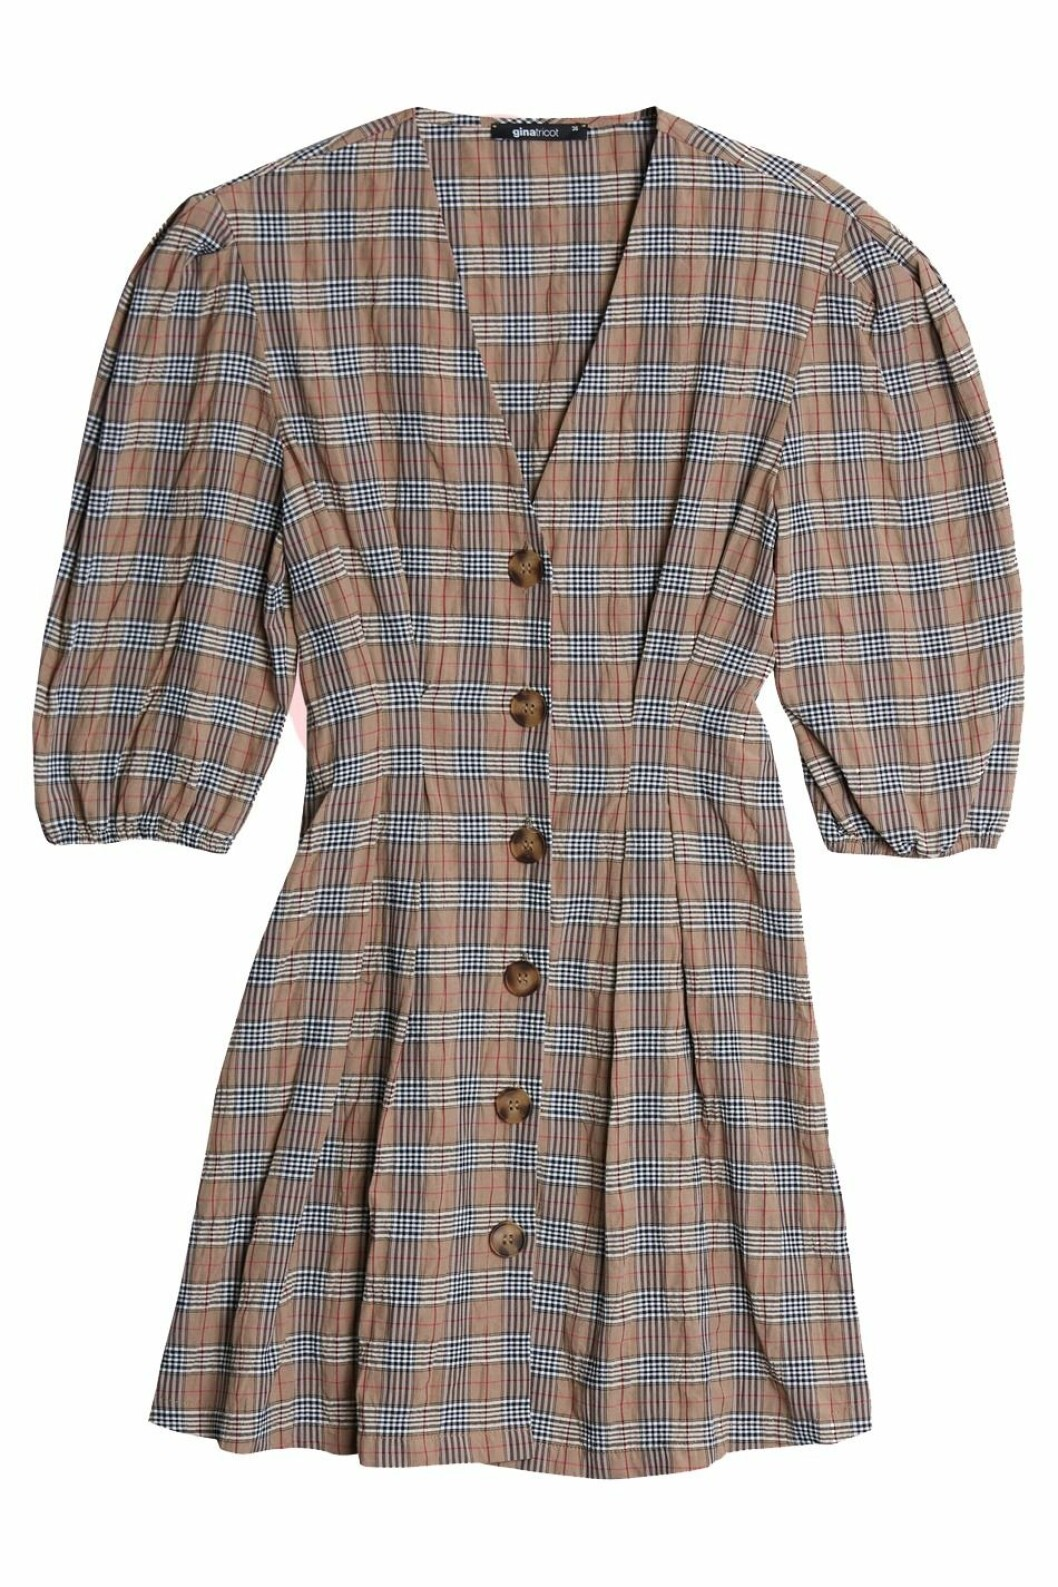 Rutig klänning till 2018